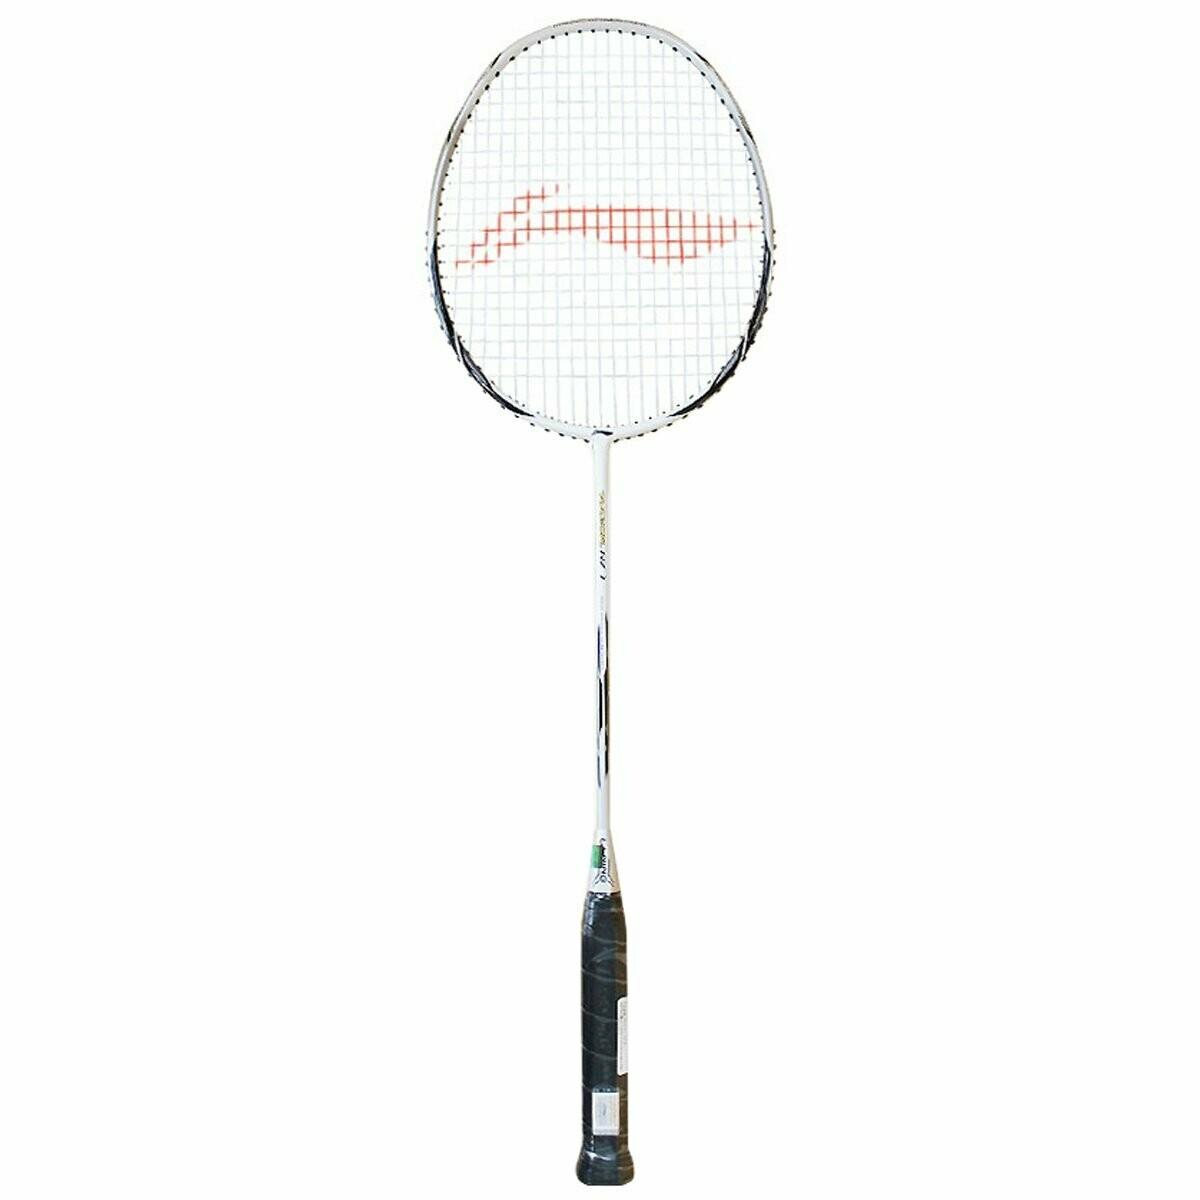 LI-NING Razor RZ-1 Badminton Racquet